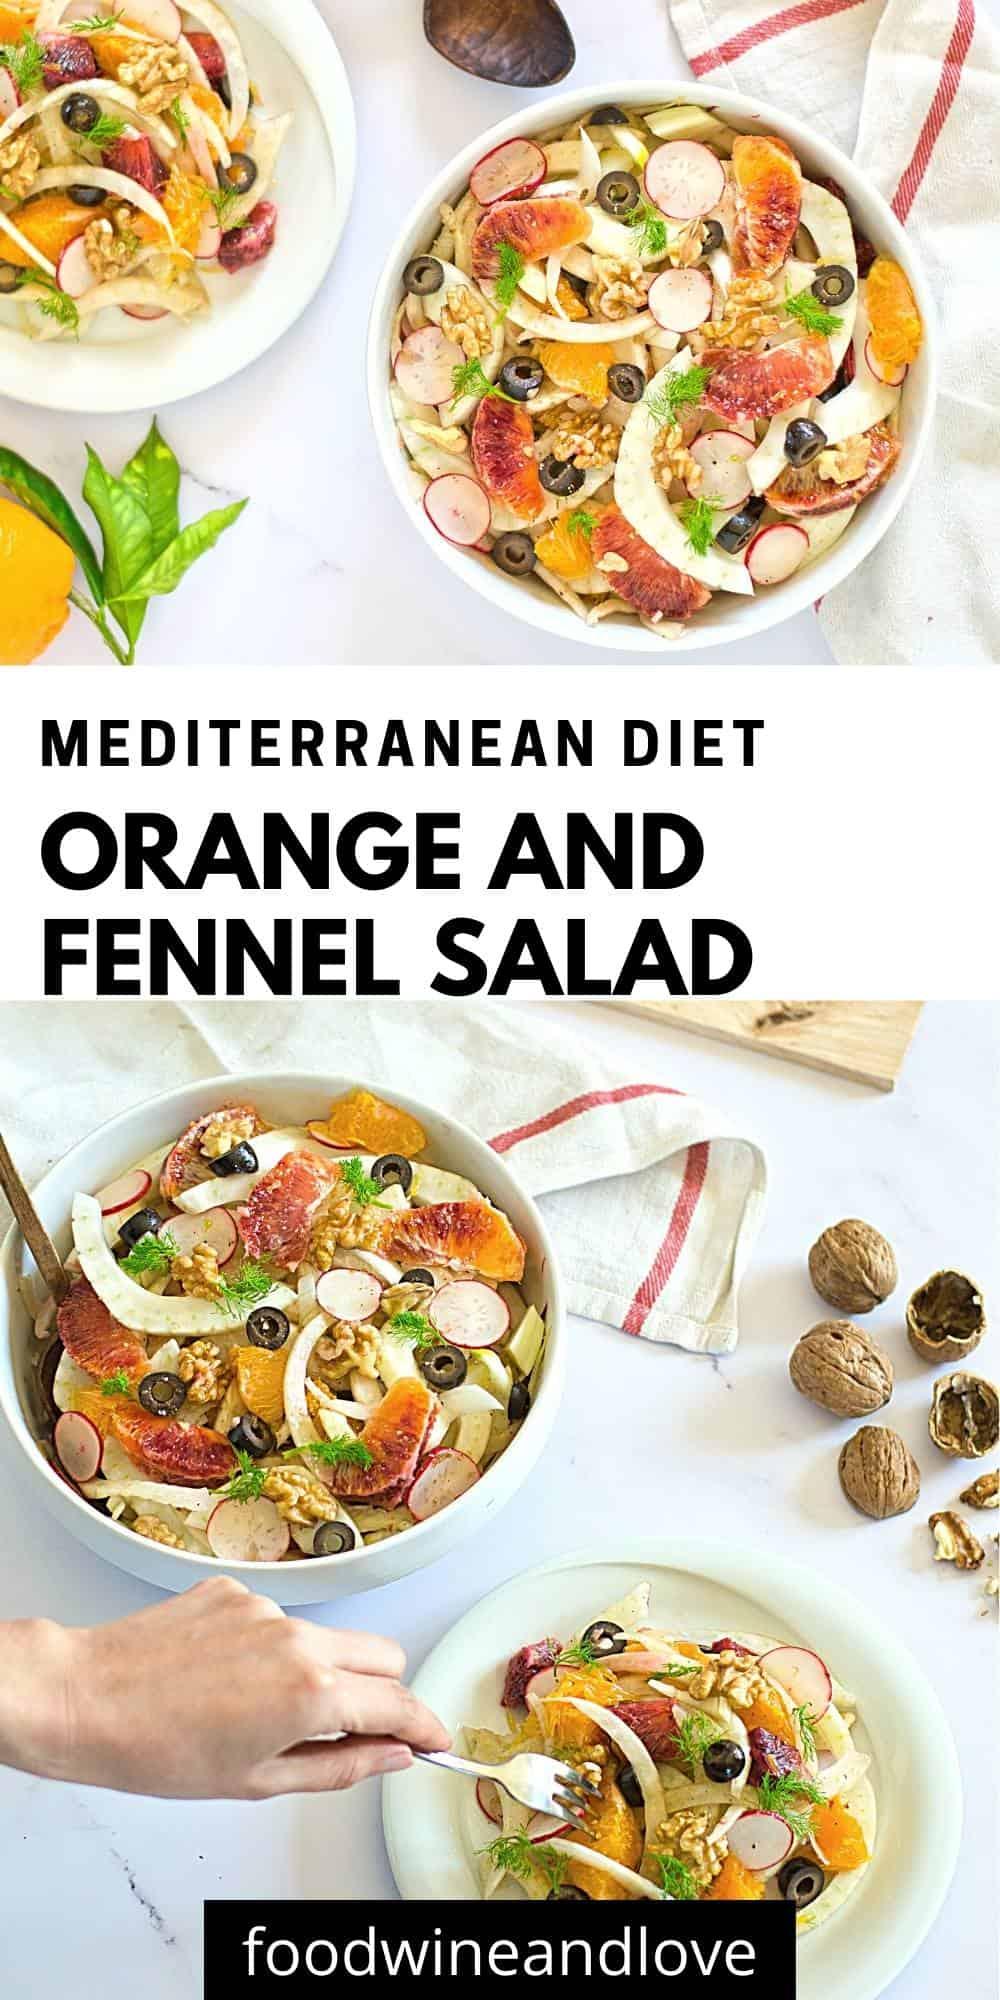 Mediterranean Diet Orange and Fennel Salad